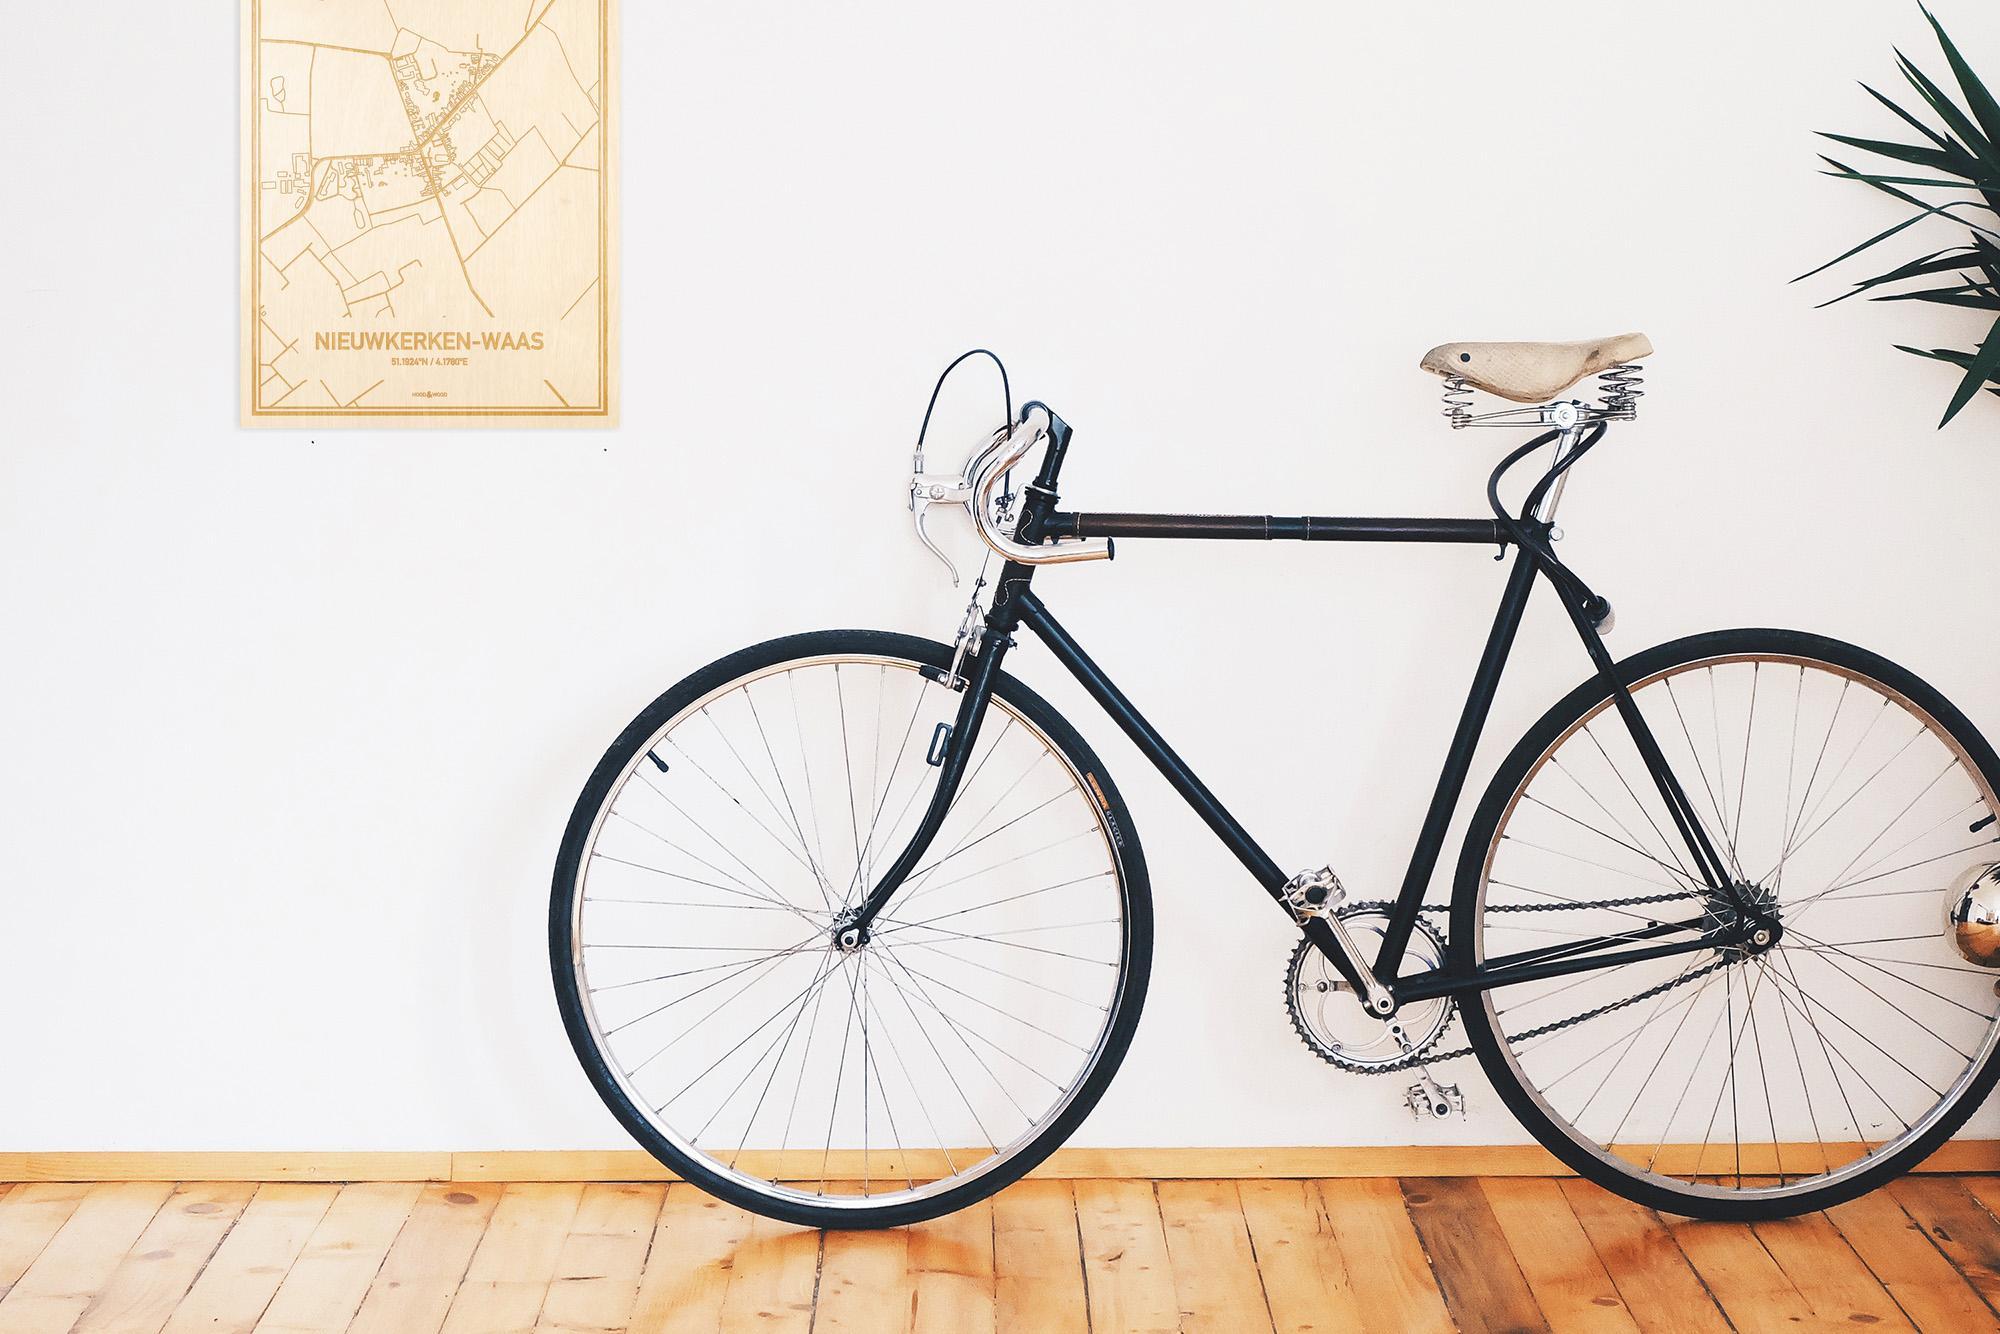 Een snelle fiets in een uniek interieur in Oost-Vlaanderen  met mooie decoratie zoals de plattegrond Nieuwkerken-Waas.